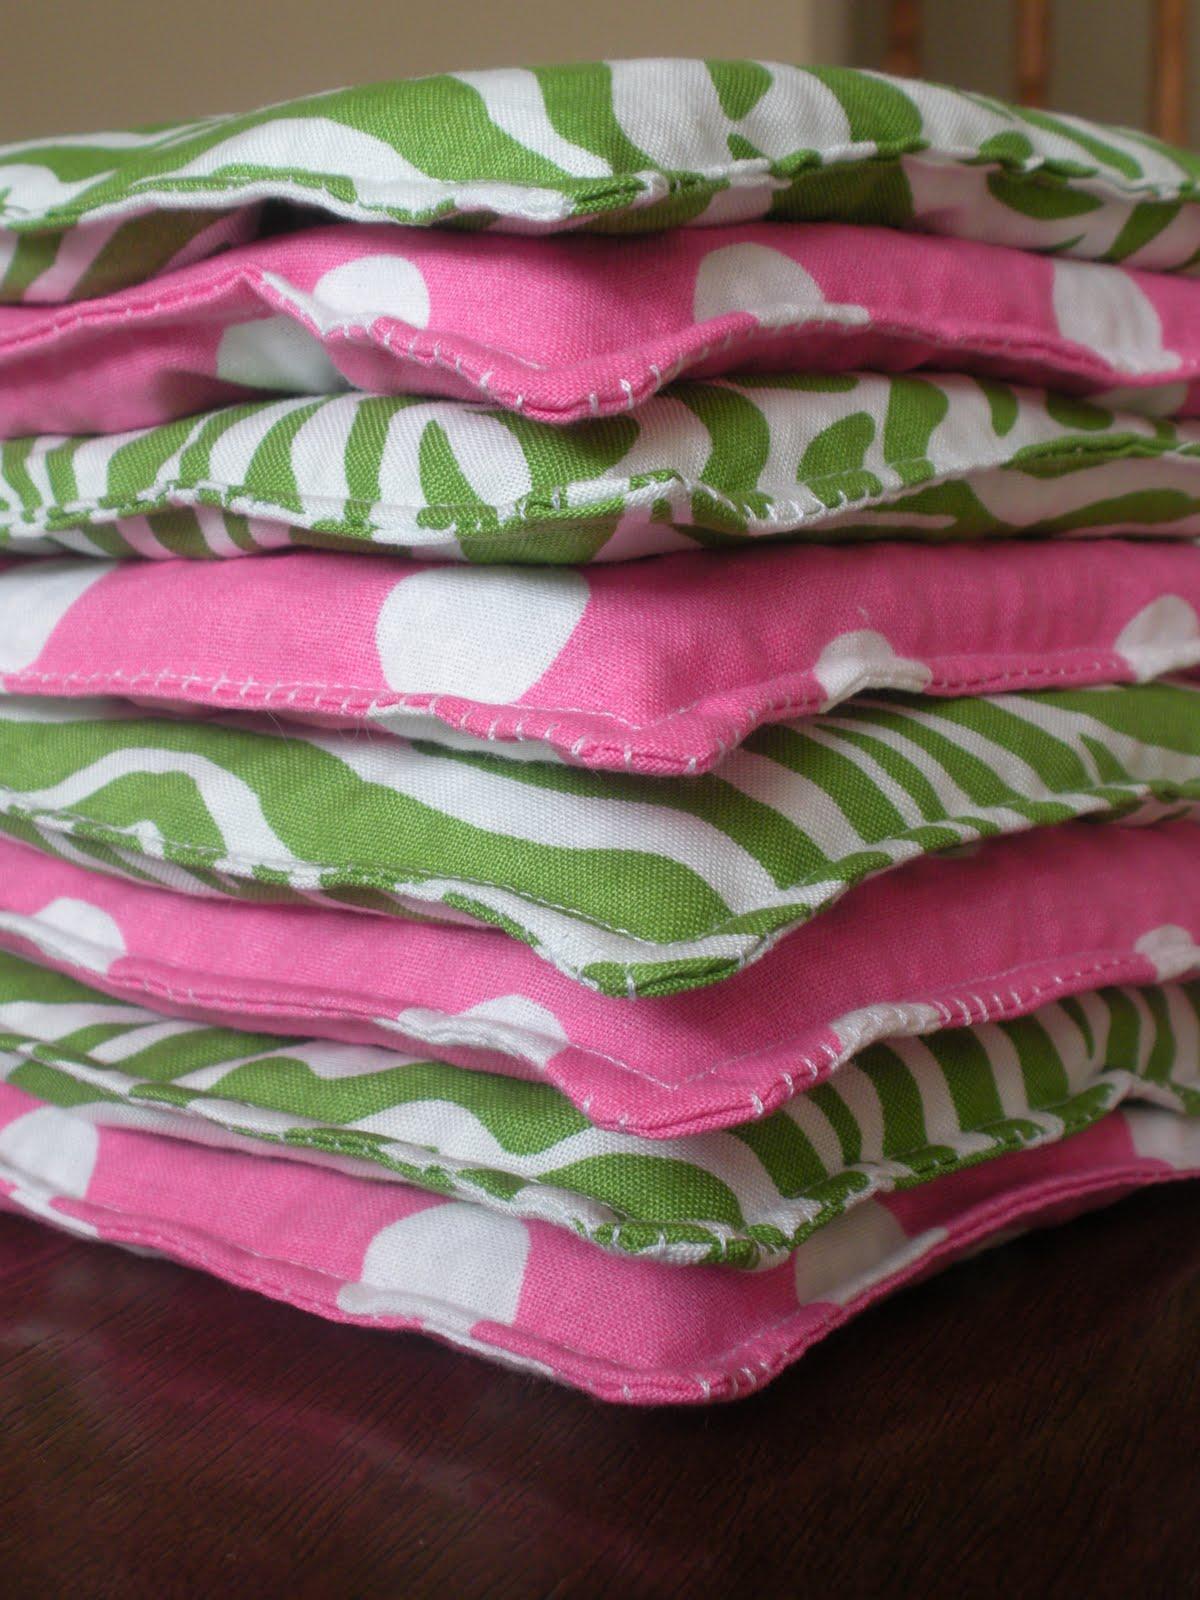 Sew Totally Smitten TicTacToe Bean Bag Toss Game